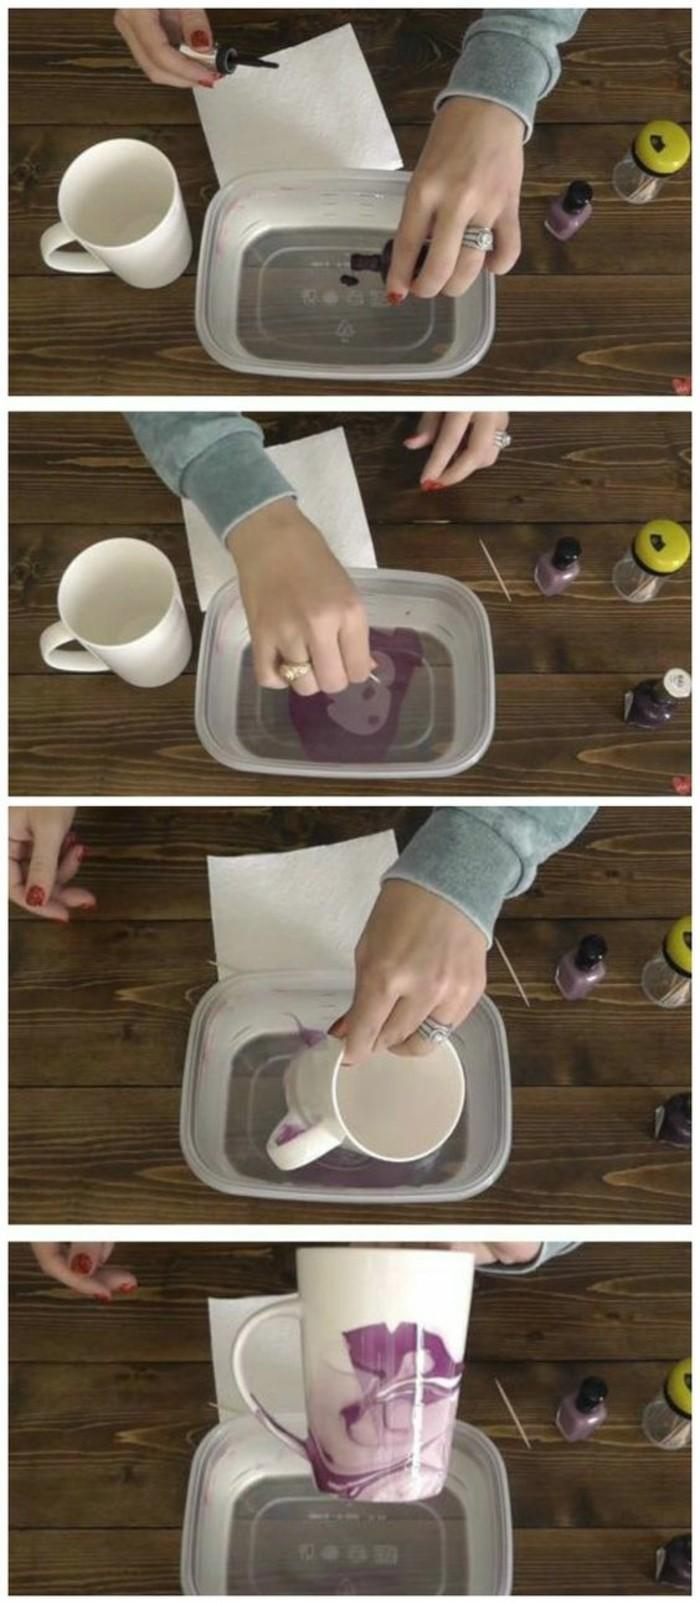 utiliser un vernis à ongles pour décorer une tasse café blanche, tutoriel loisir créatif, cadeau original pour sa meilleure amie